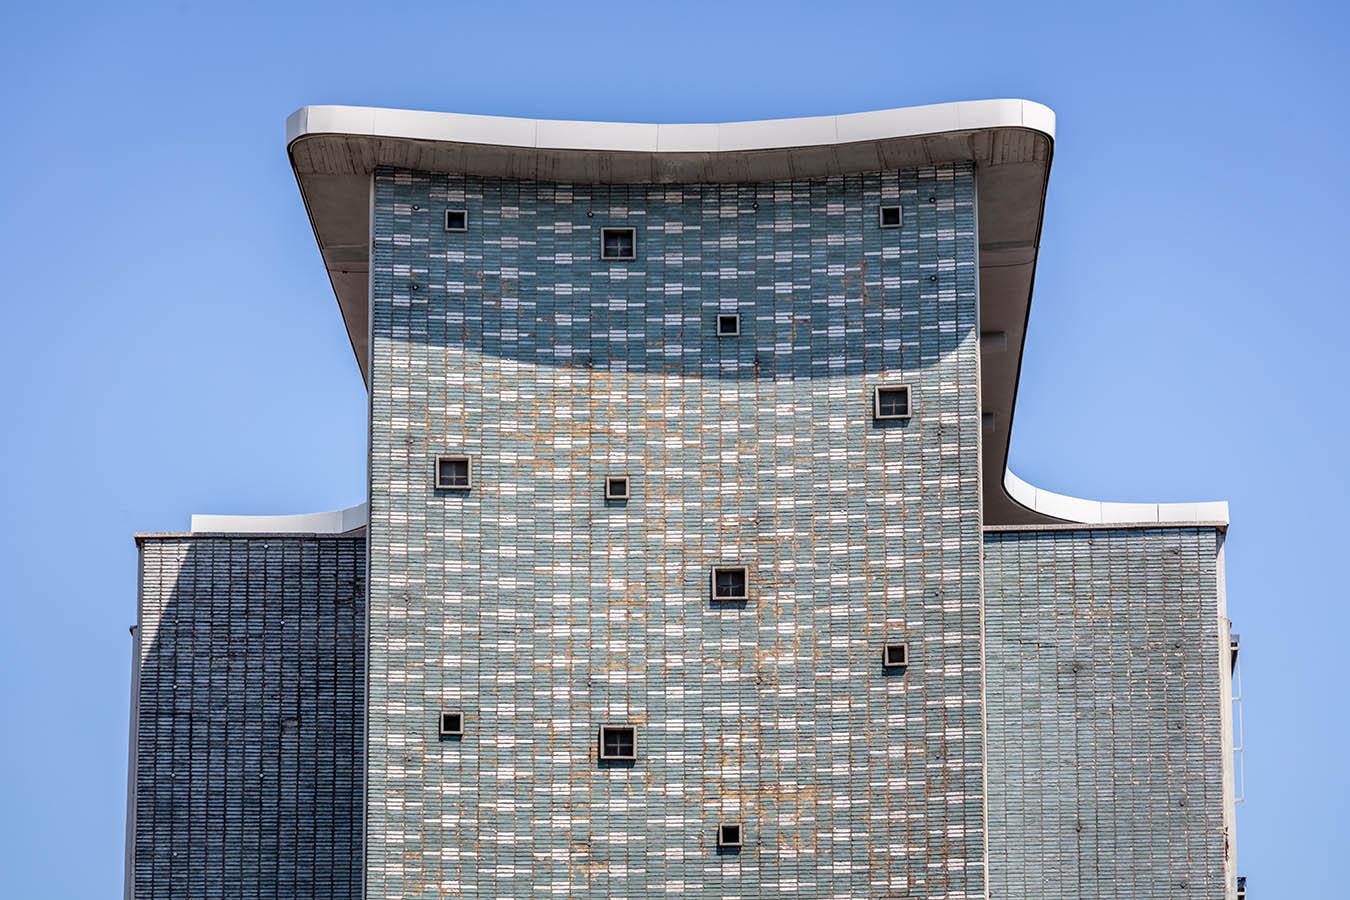 Architekturfotografie: Fassade des Gesundheitsamts, Dortmund